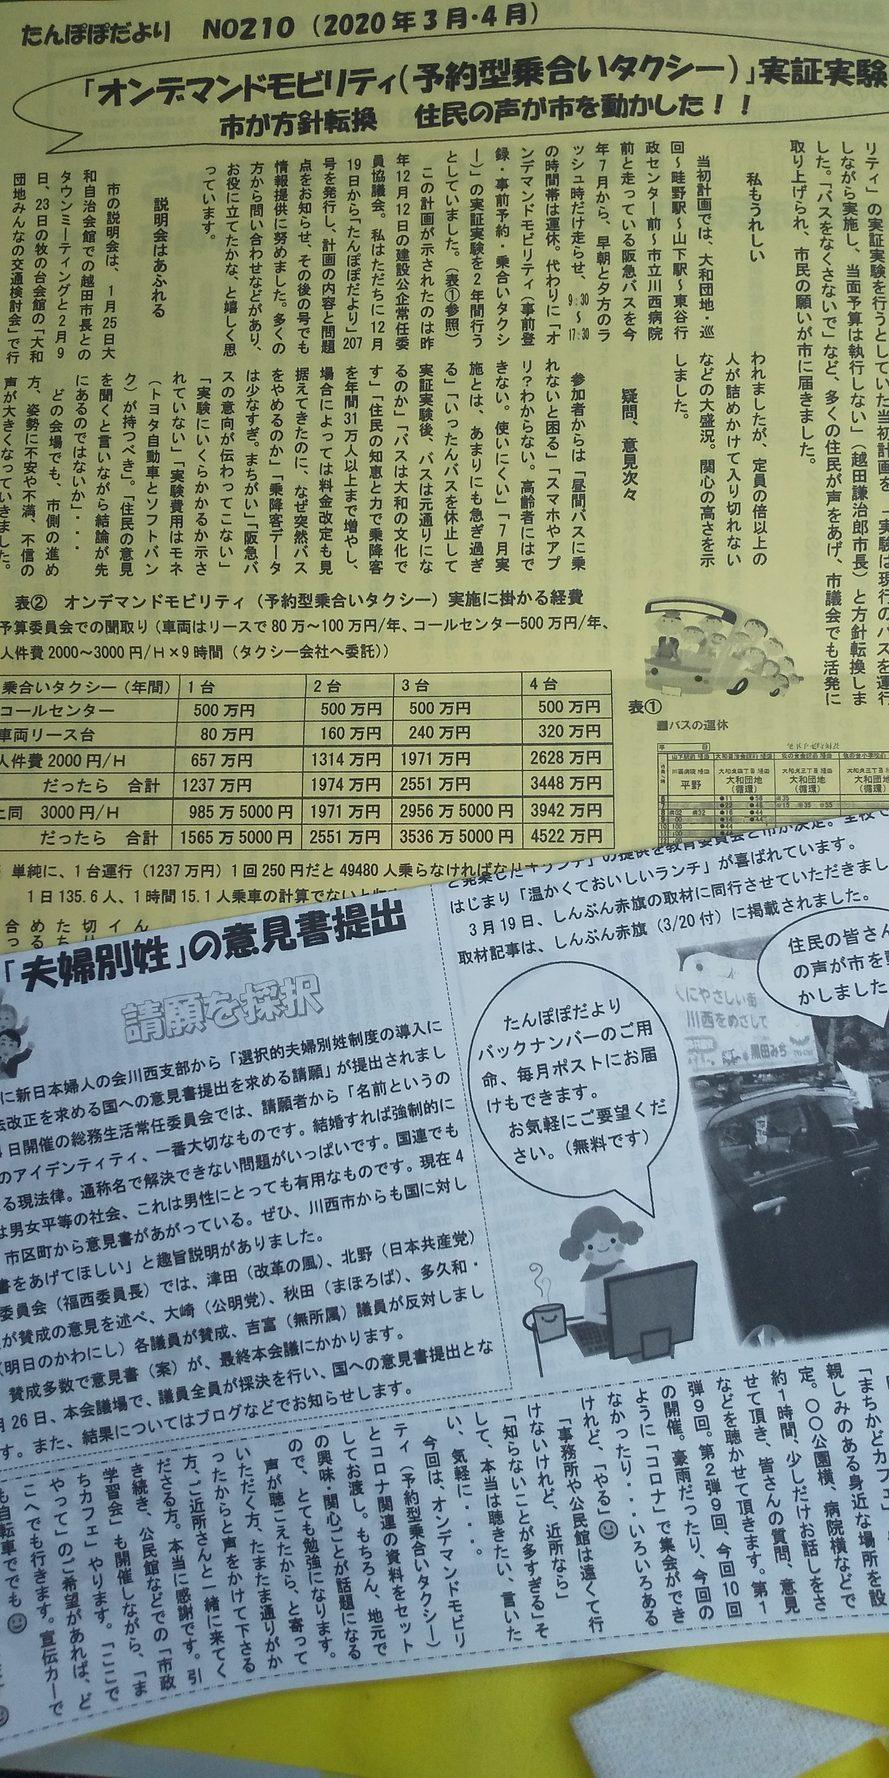 🌞日生中央駅前、たくさんのツバメたち🎵たんぽぽだより210号と24日消費税下げろ⤵️宣伝🎤_f0061067_22045125.jpg